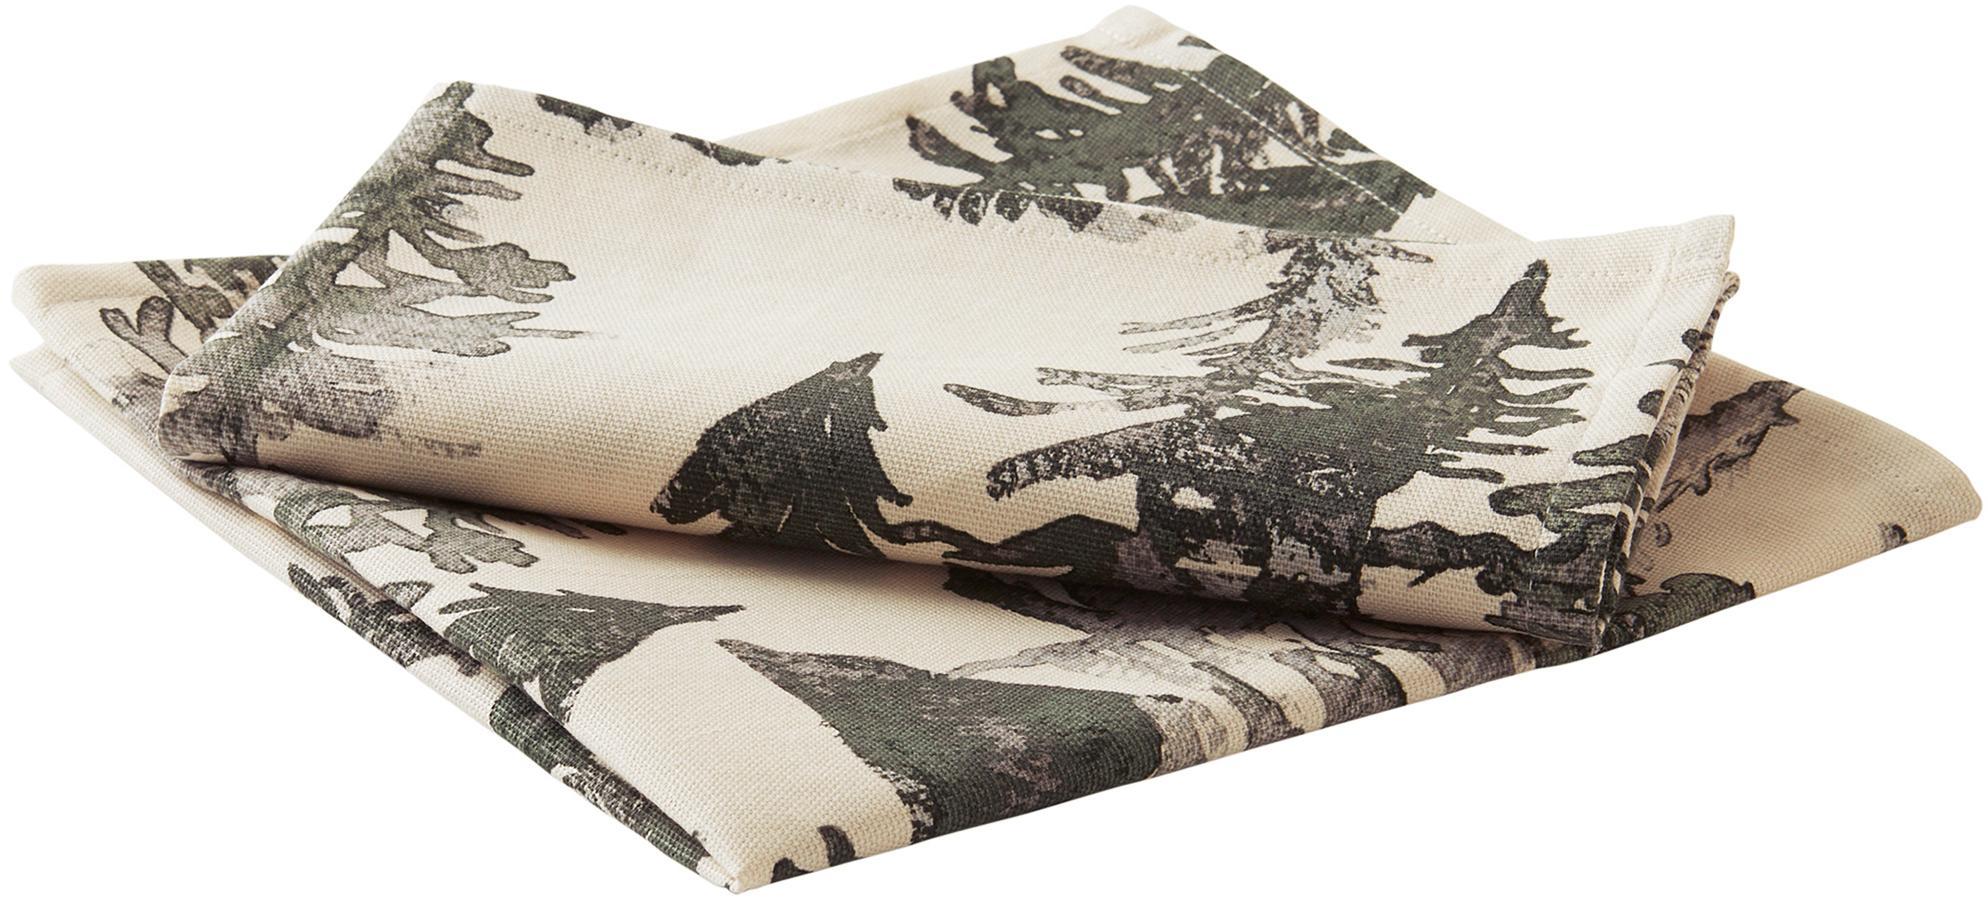 Katoenen servetten Forrest, 2 stuks, 100% katoen, afkomstig van duurzame katoenteelt, Crèmekleurig, groen- en grijstinten, 45 x 45 cm